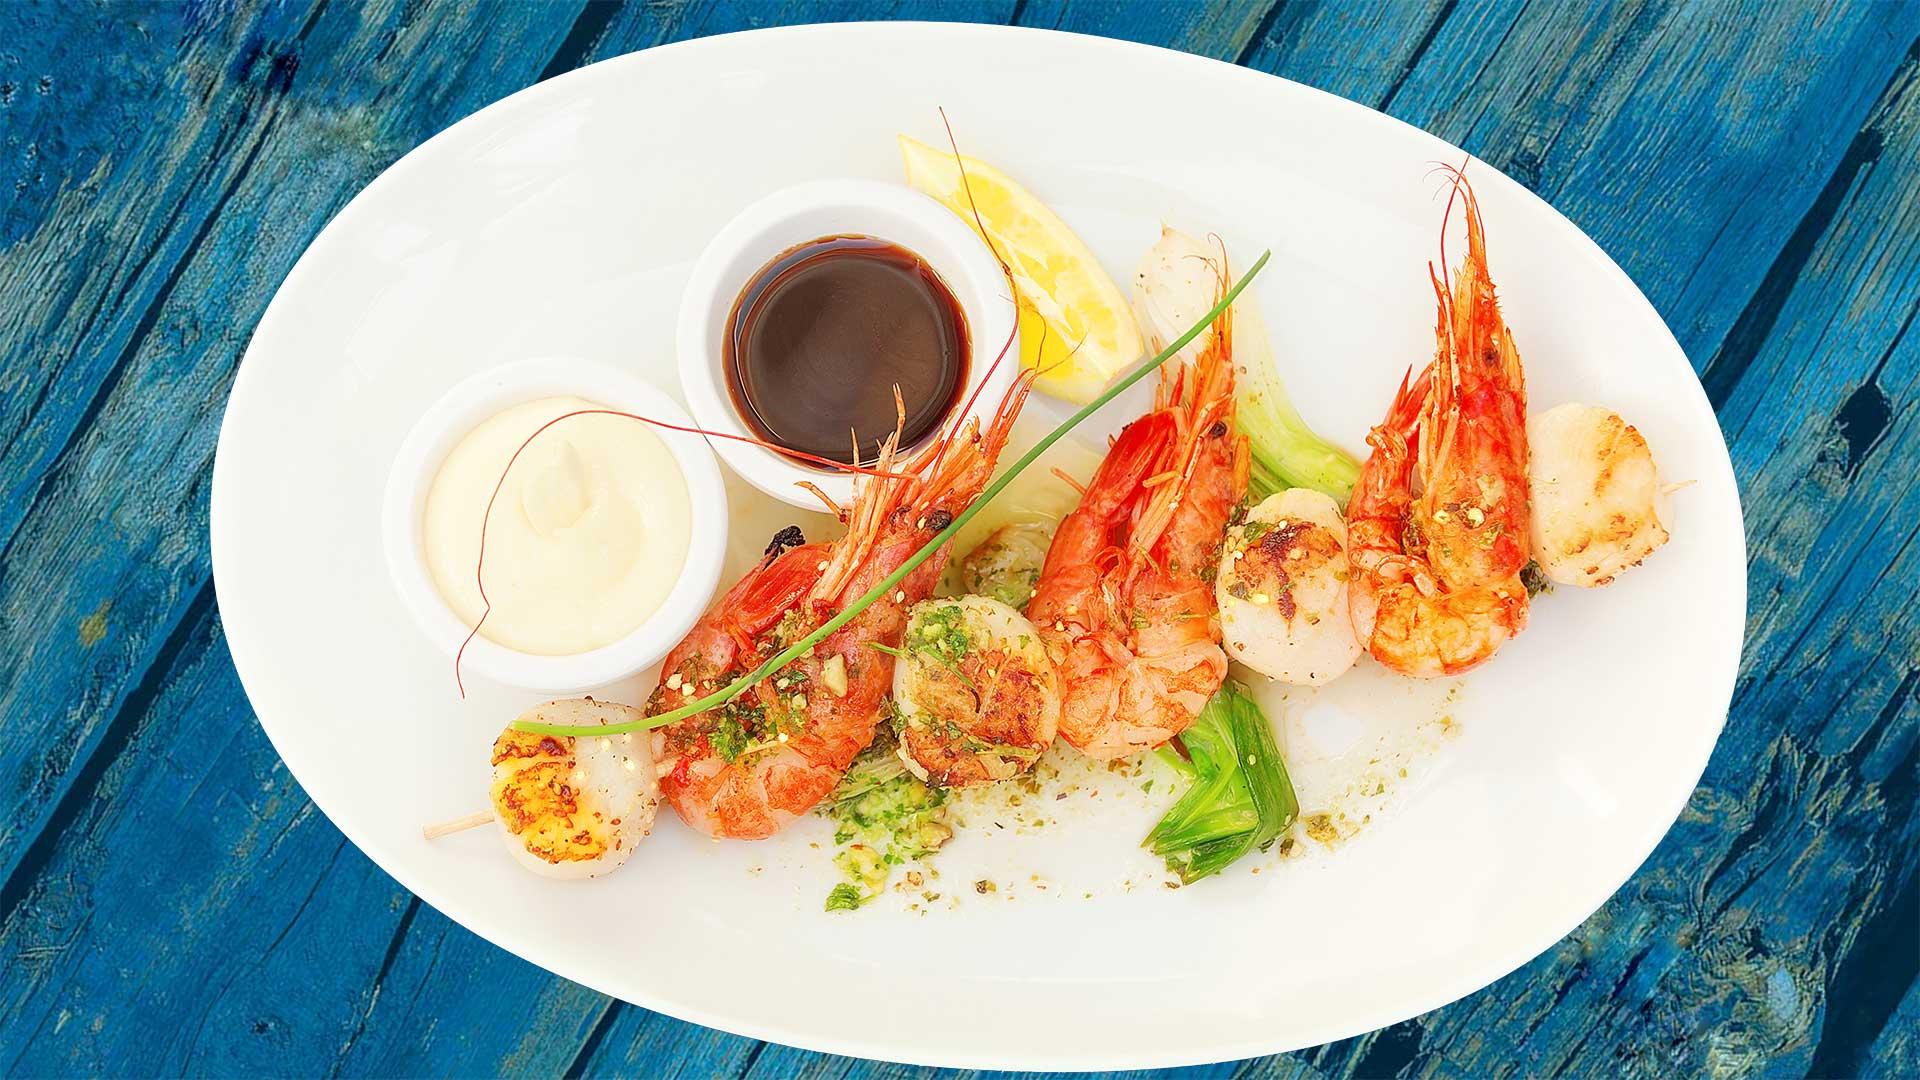 Menu-Front-de-Mer-Entree-Restaurant-Les-Planches-Argeles-sur-mer